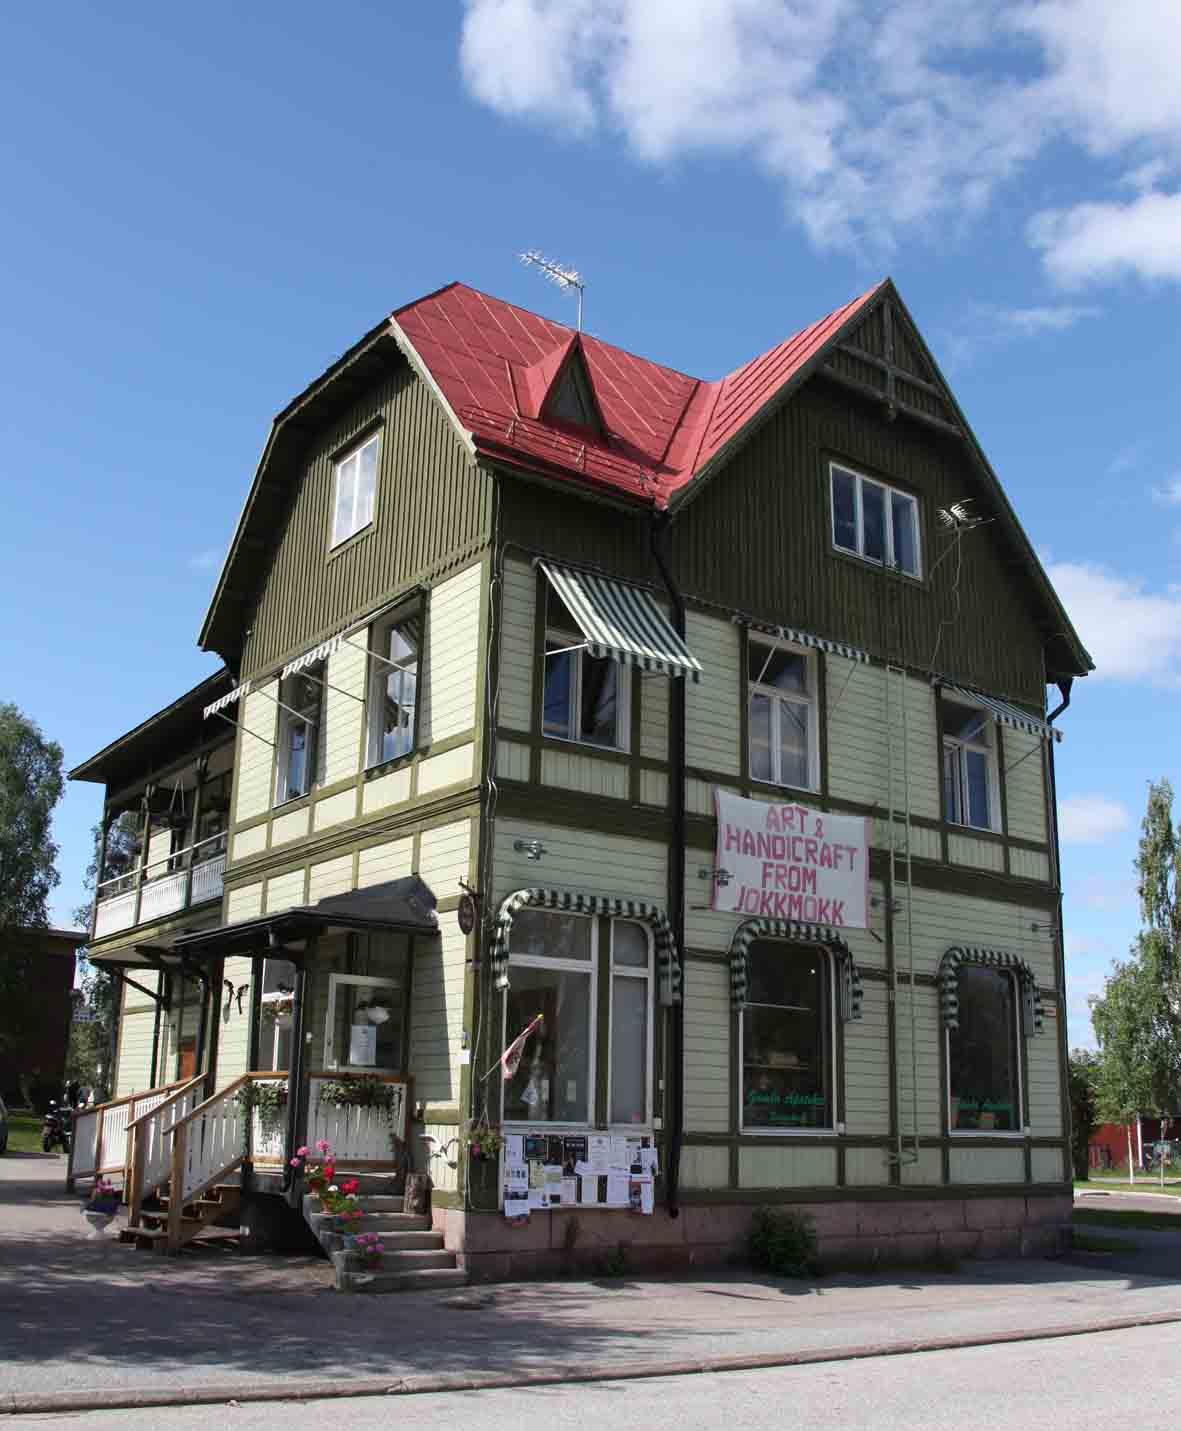 A shop in Jokkmokk